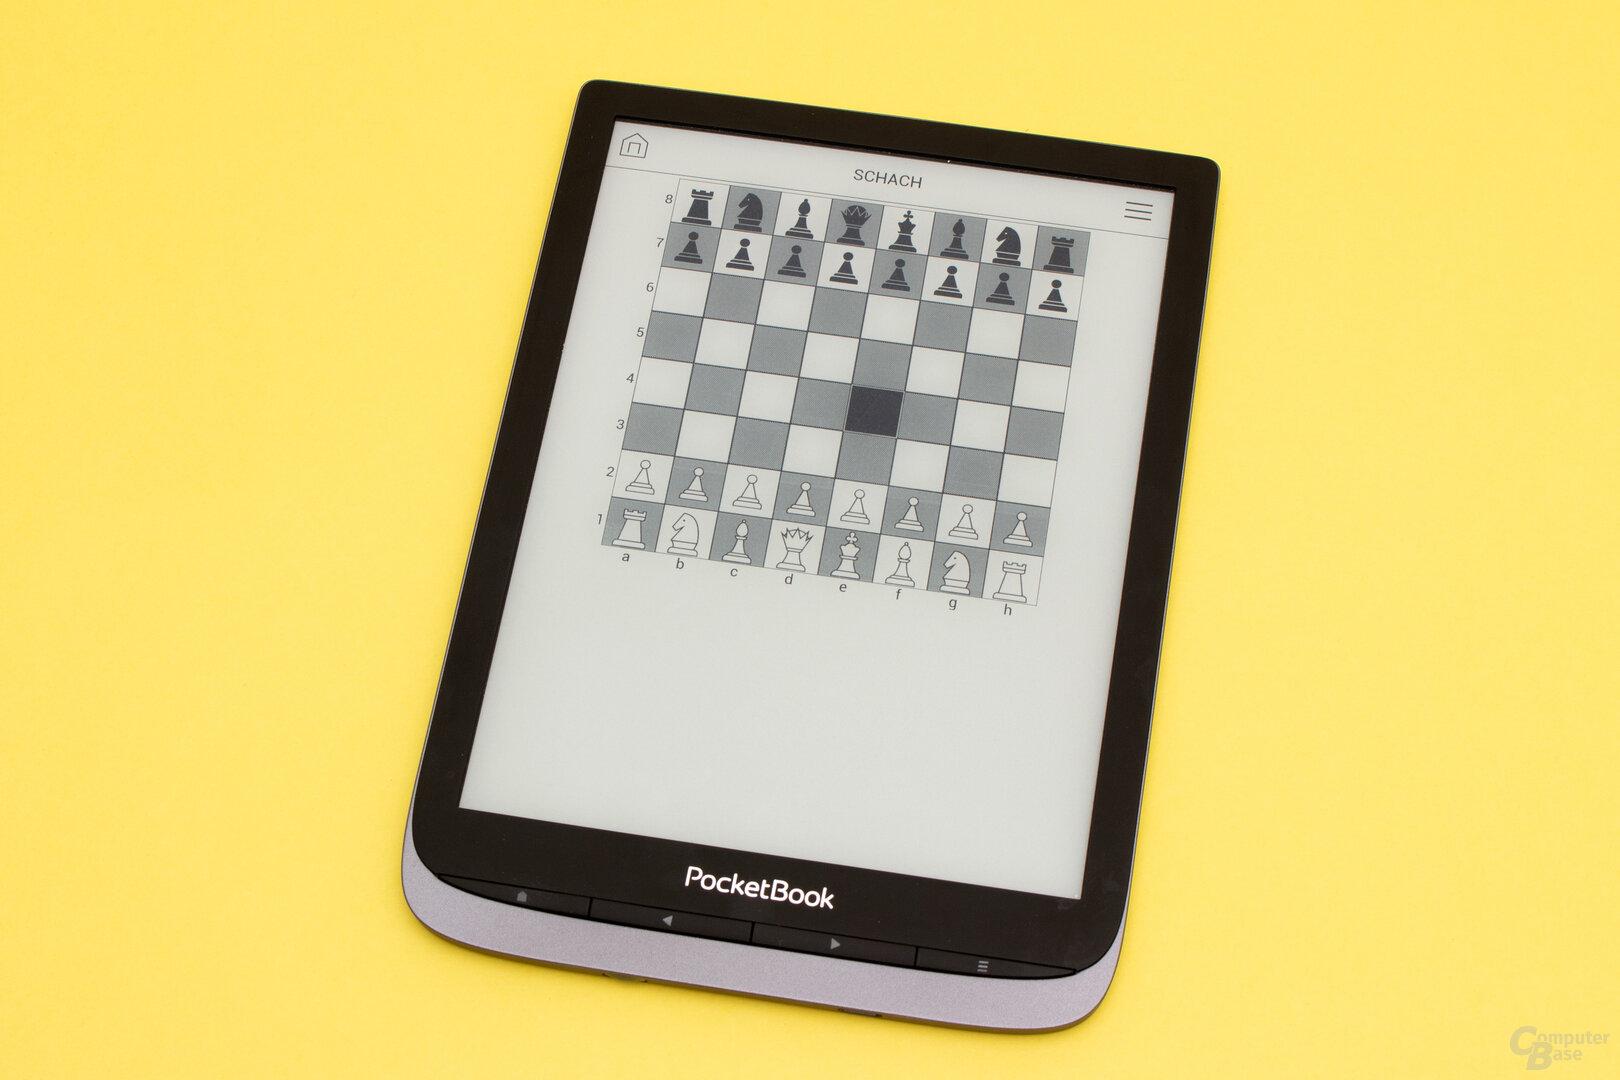 Schach auf dem InkPad 3 Pro